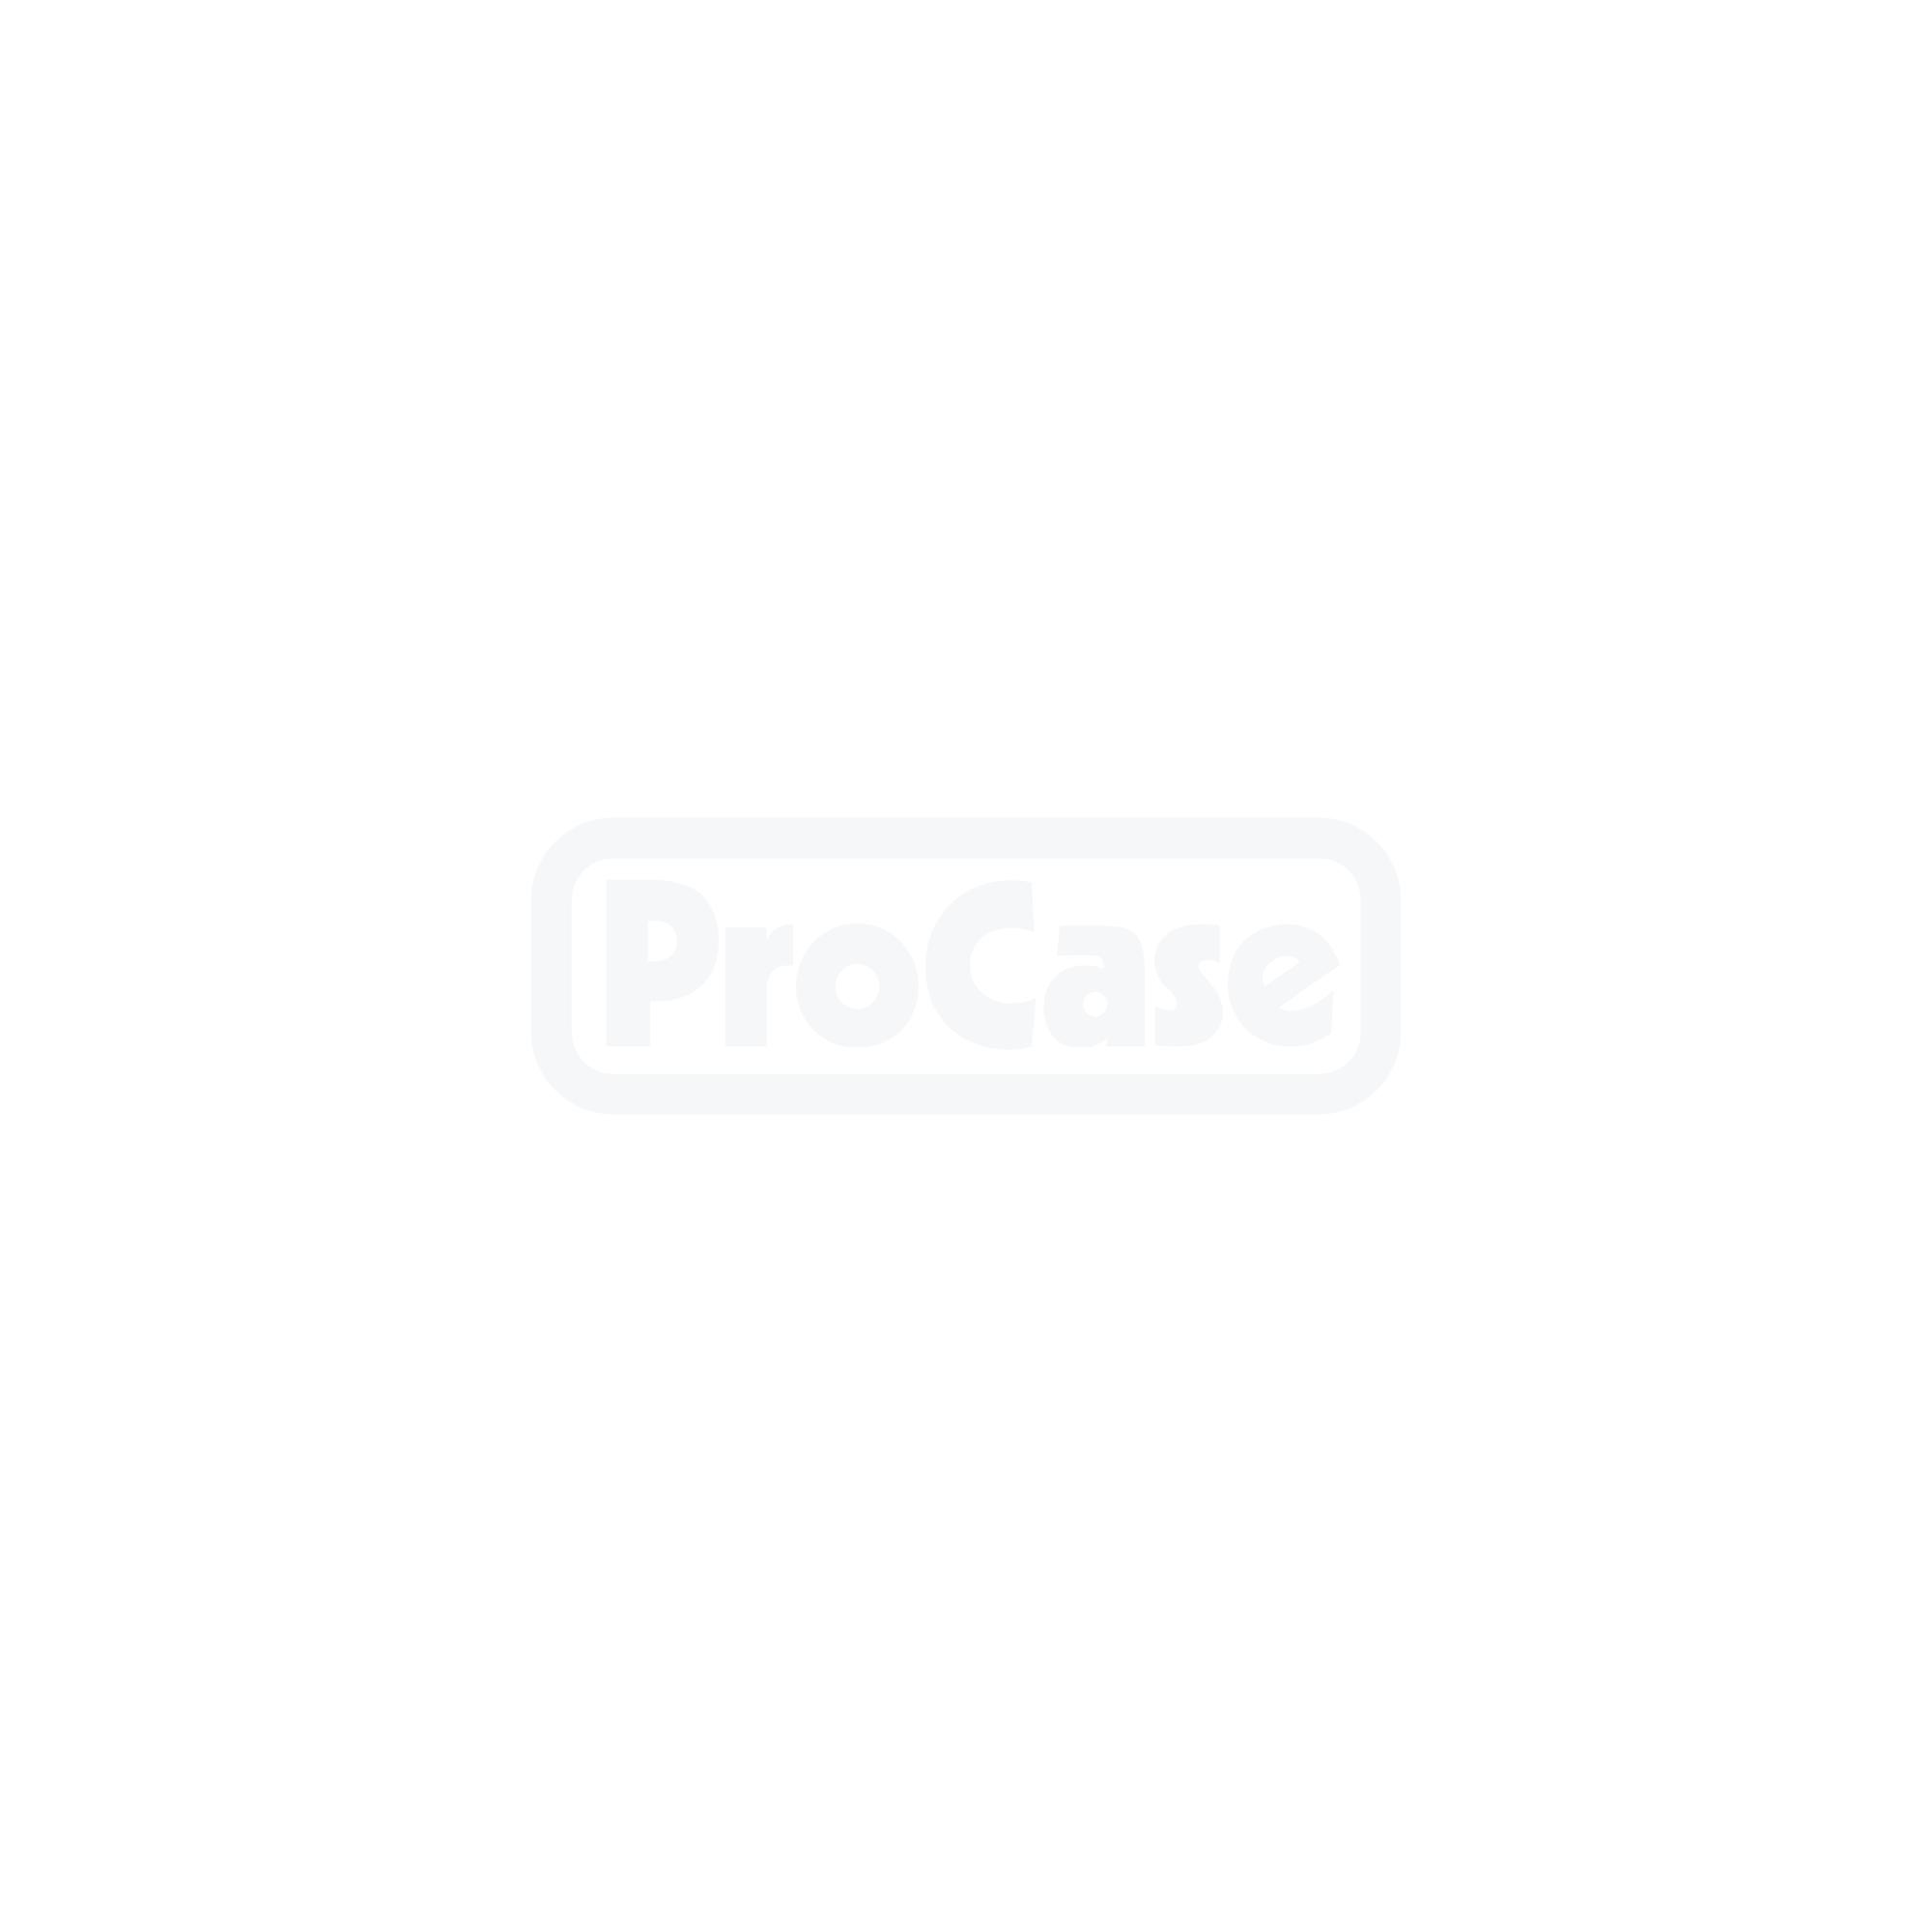 SKB 3i Koffer 2011-7 leer mit Trolley 3